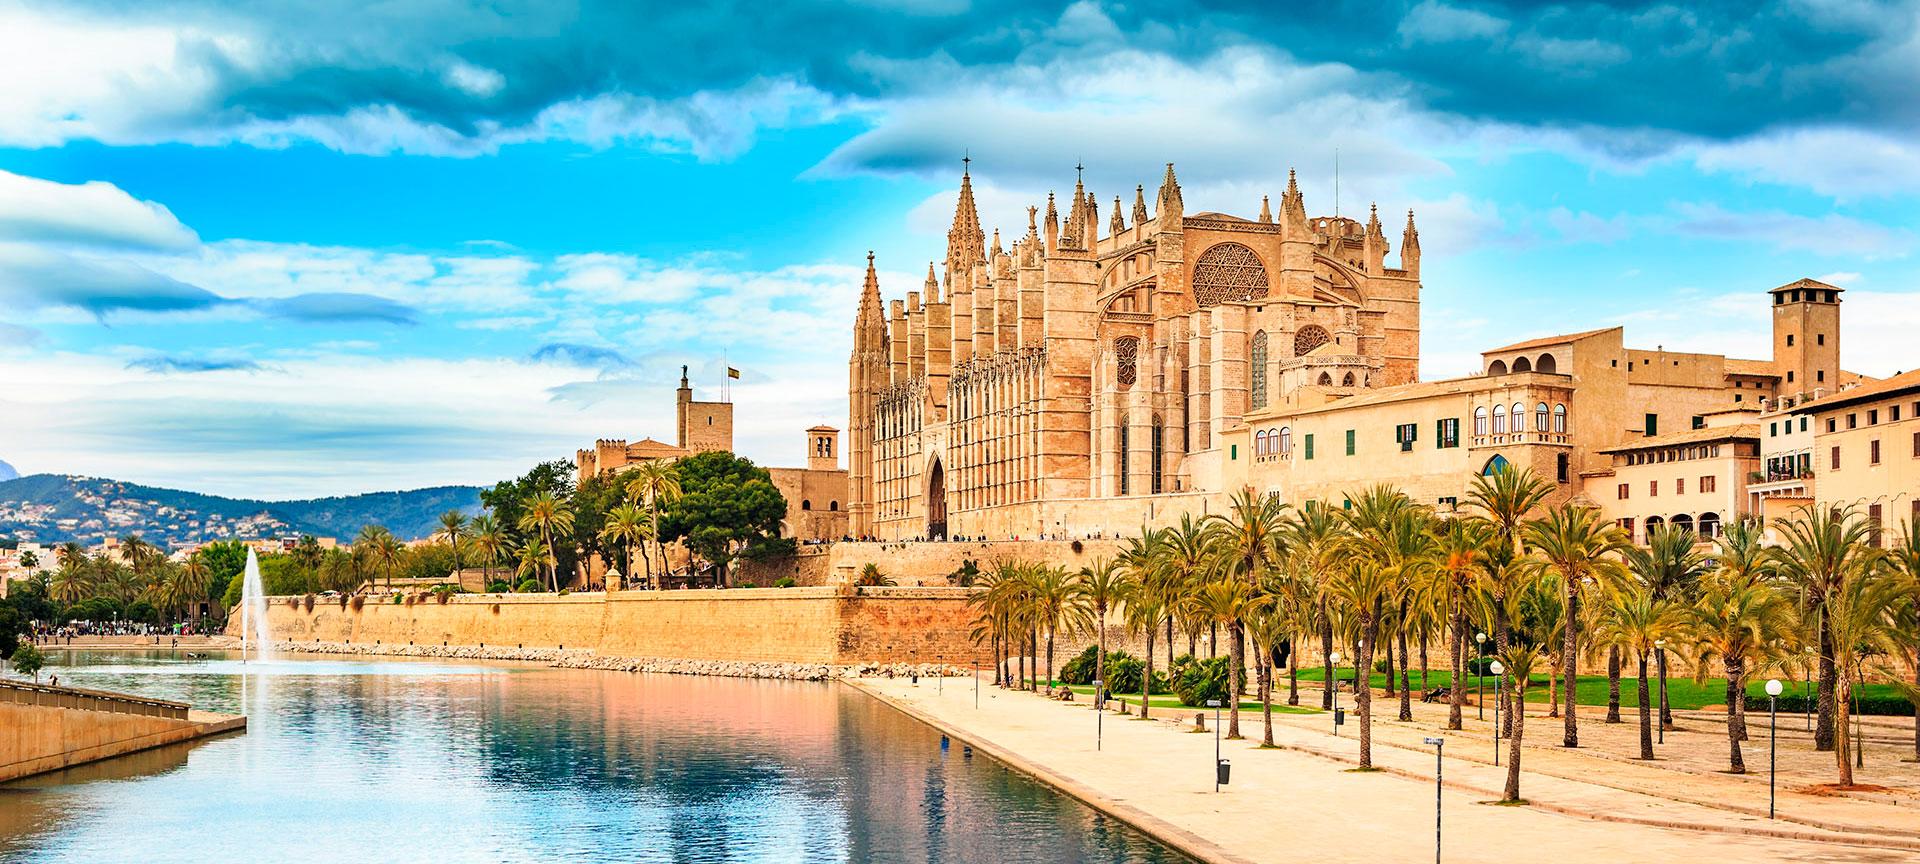 Tourisme à Palma. Que voir. Informations touristiques | spain.info en  français